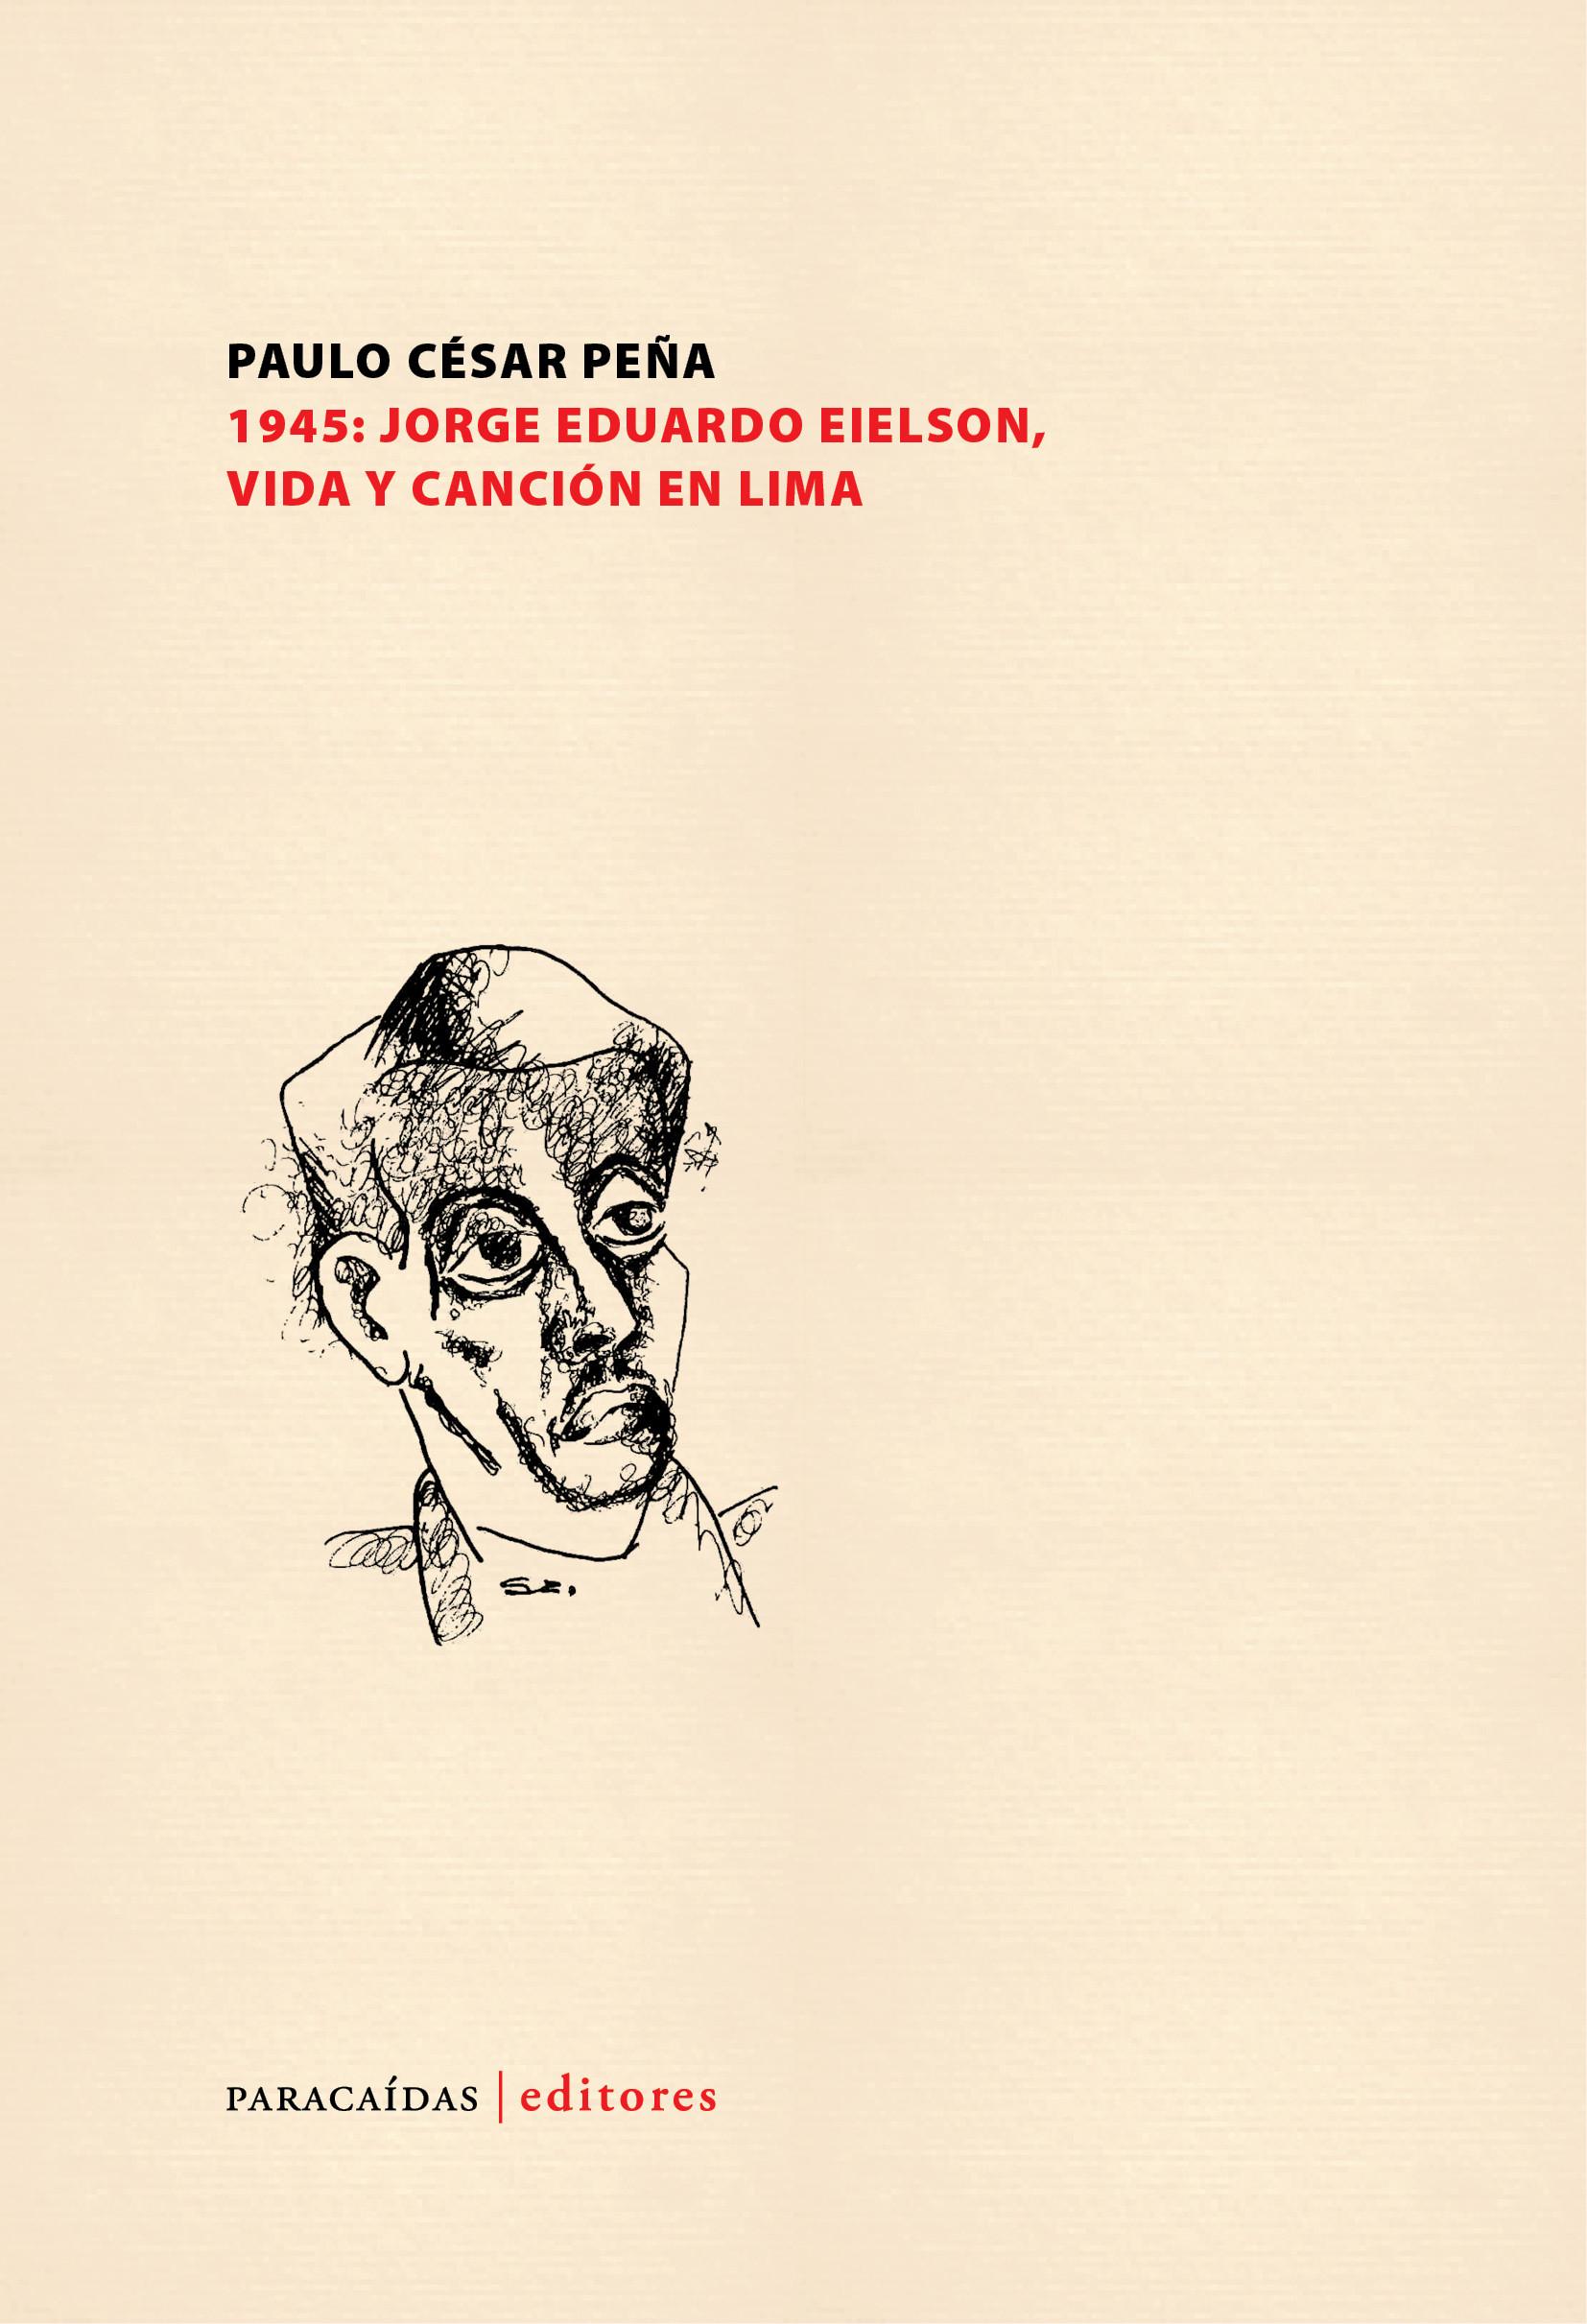 1945: Jorge Eduardo Eielson, vida y canción en Lima